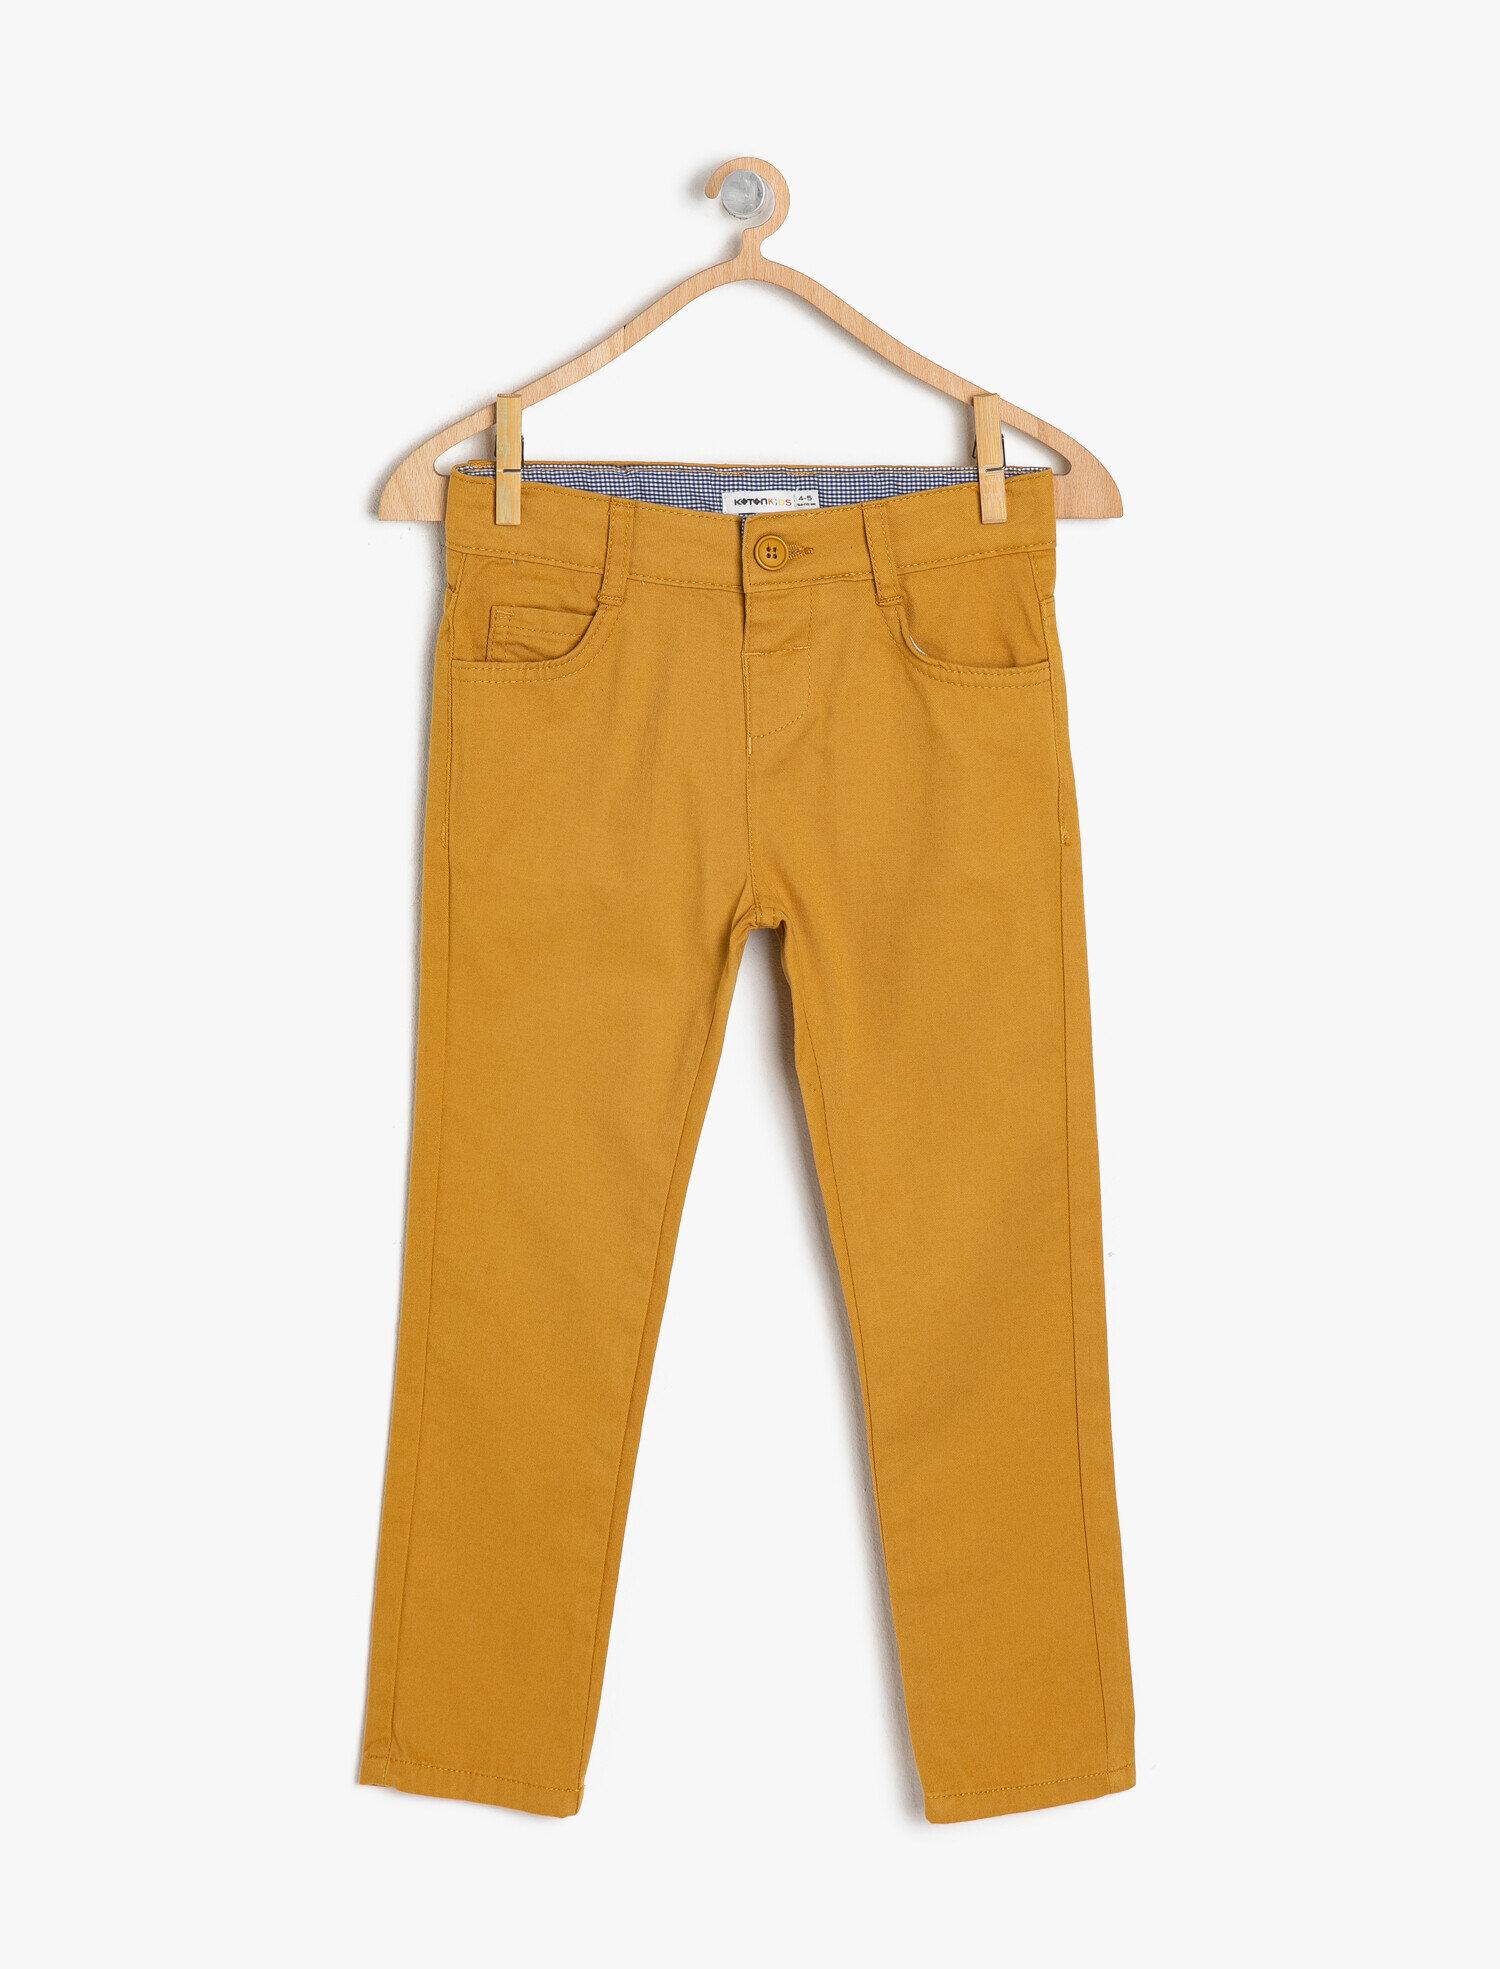 Koton Erkek Çocuk Normal Bel Pantolon Sarı Ürün Resmi